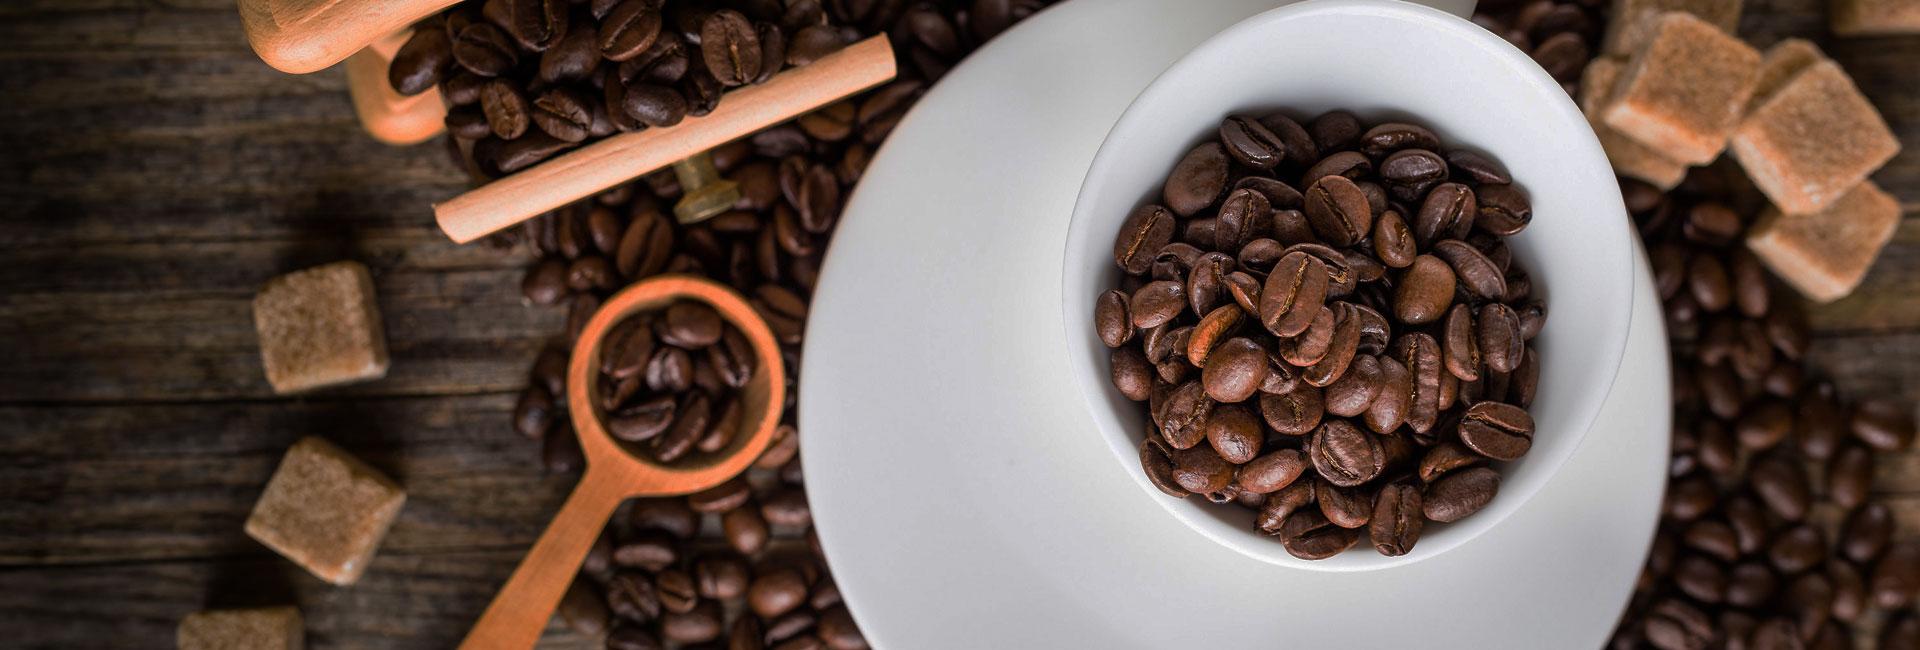 Patagonia Blend | Café y derivados